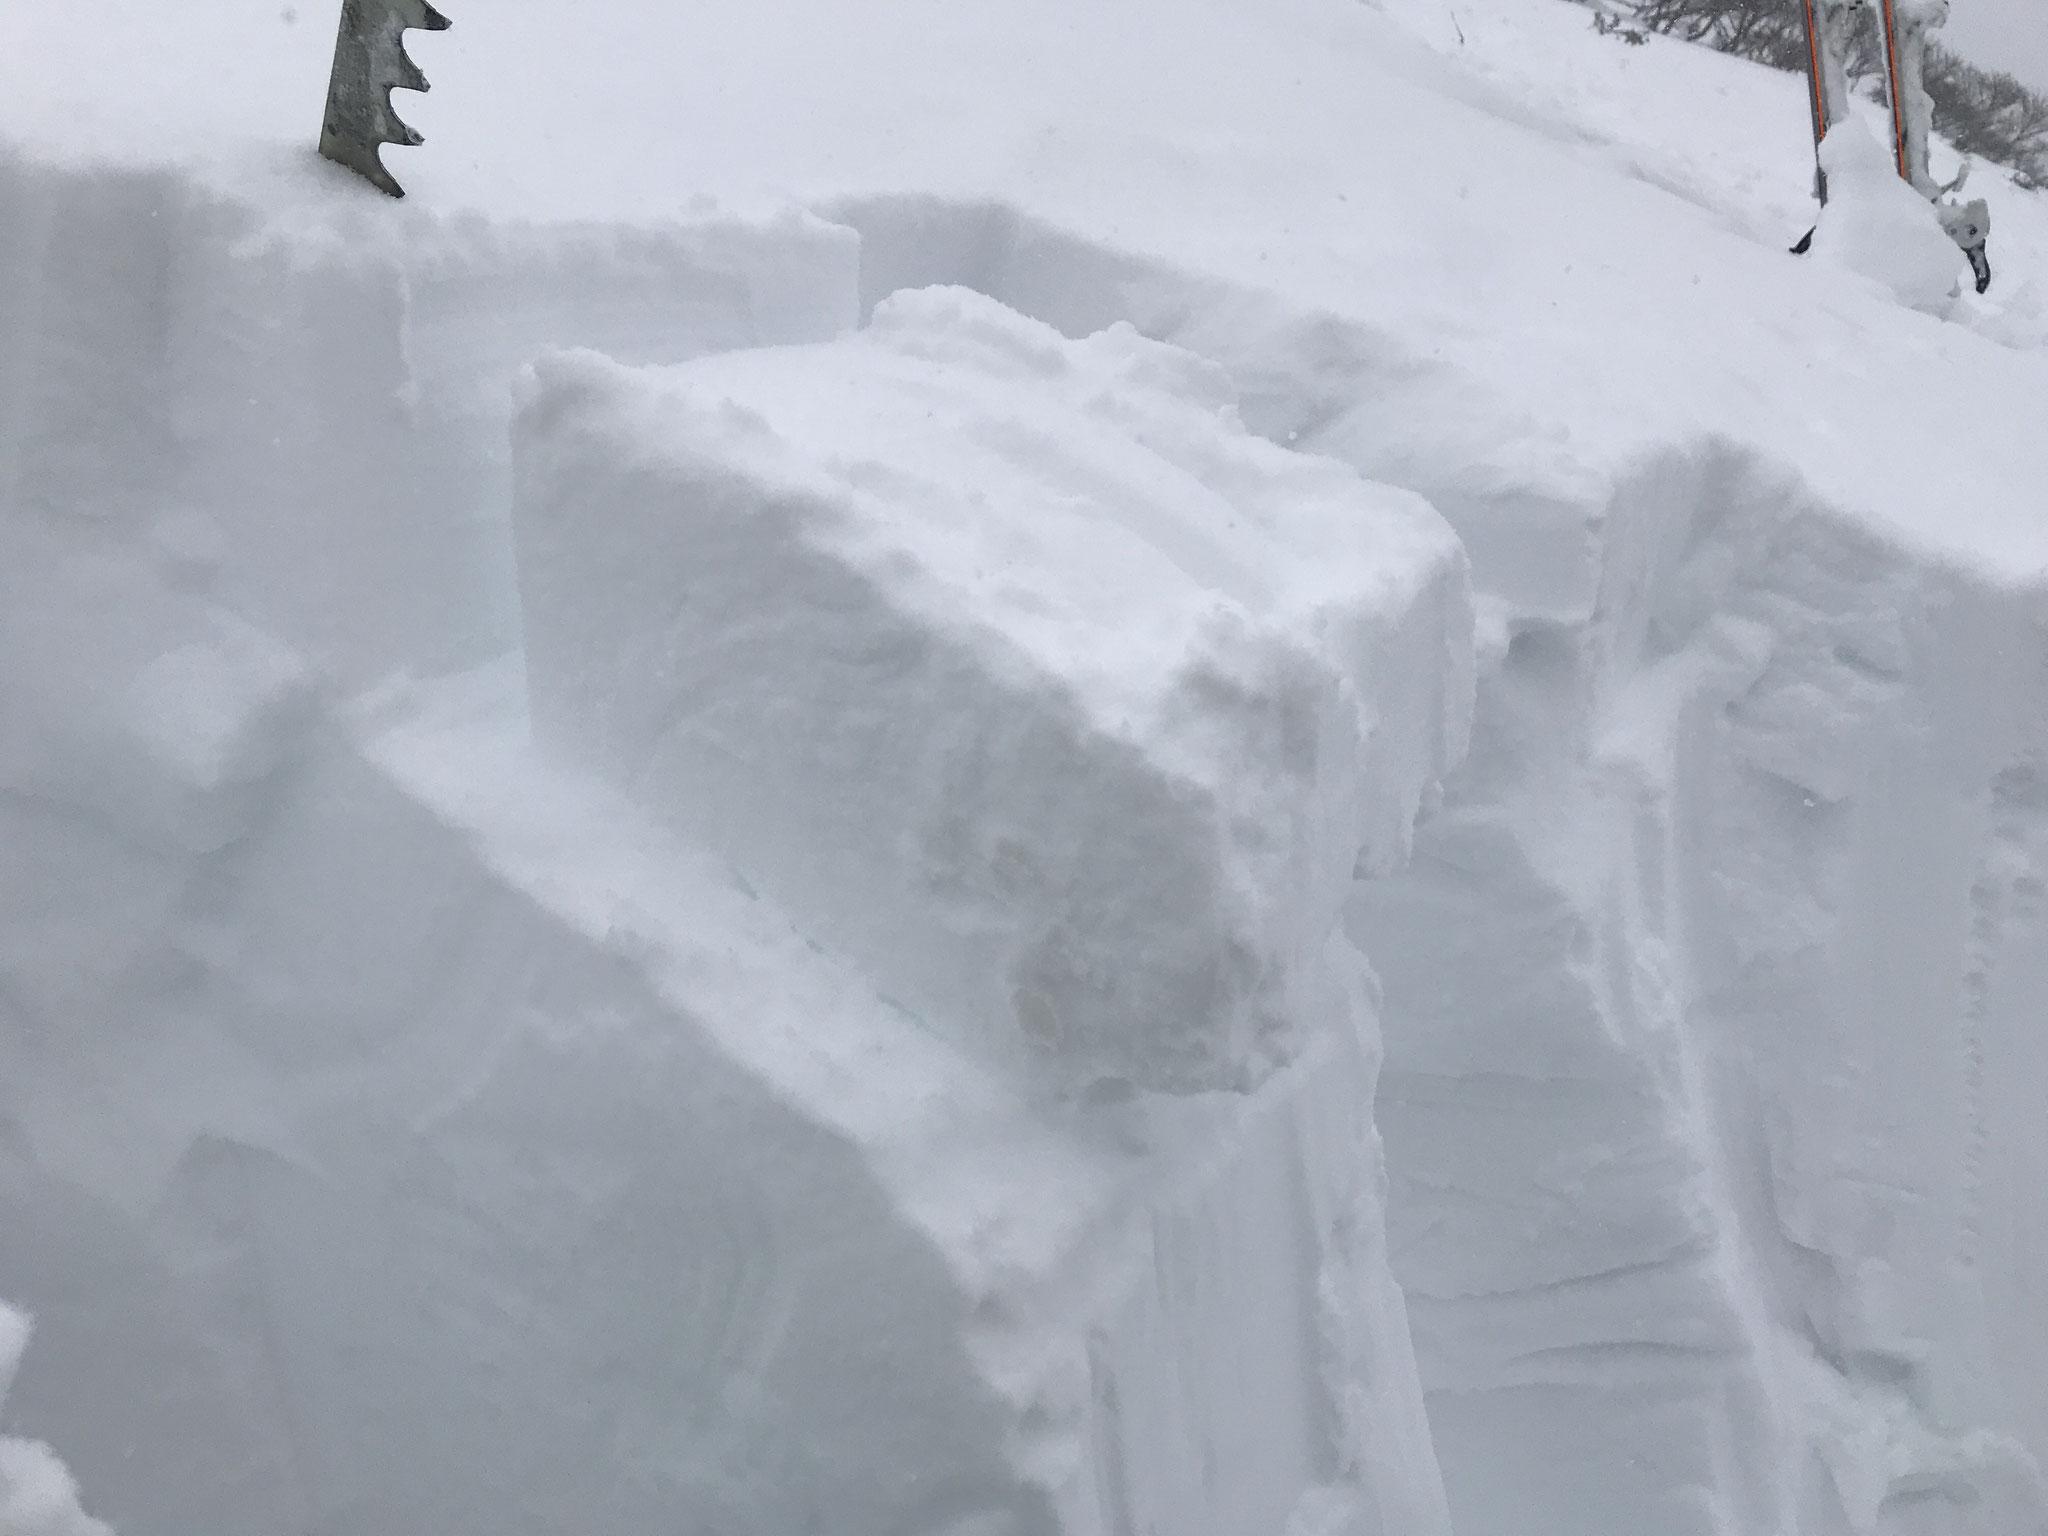 積雪は2m程度